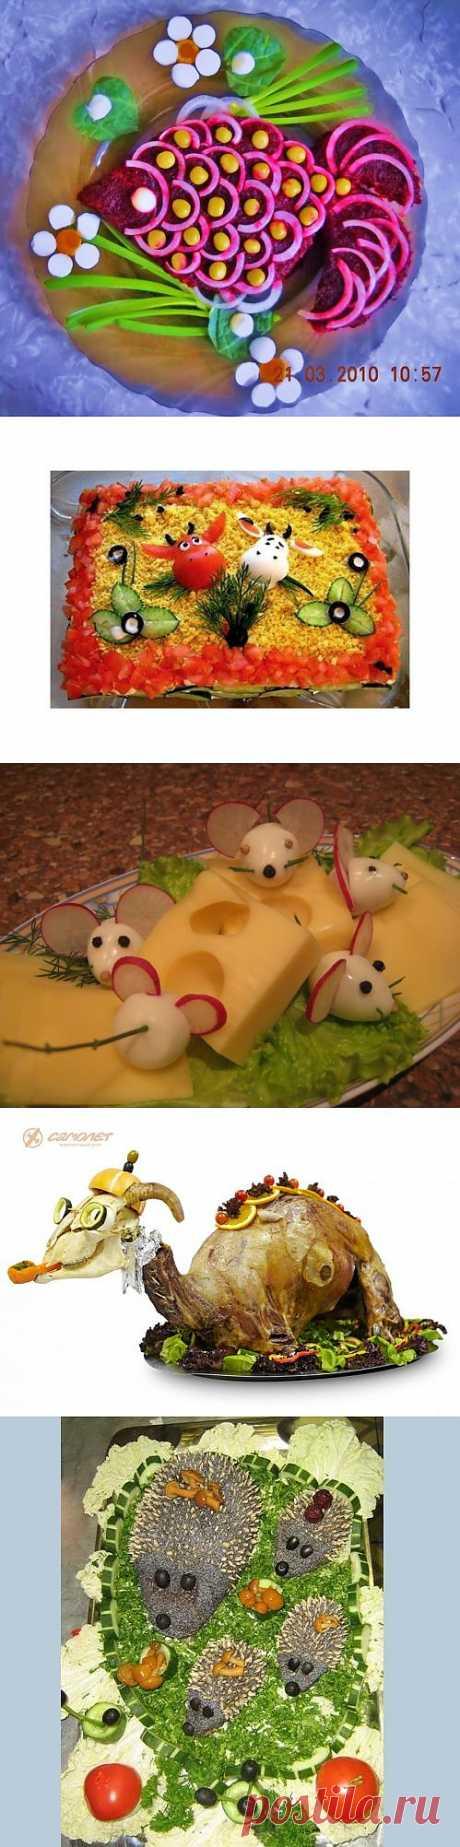 Украшение салатов и вторых блюд. Великолепная подборка! | Любимые рецепты